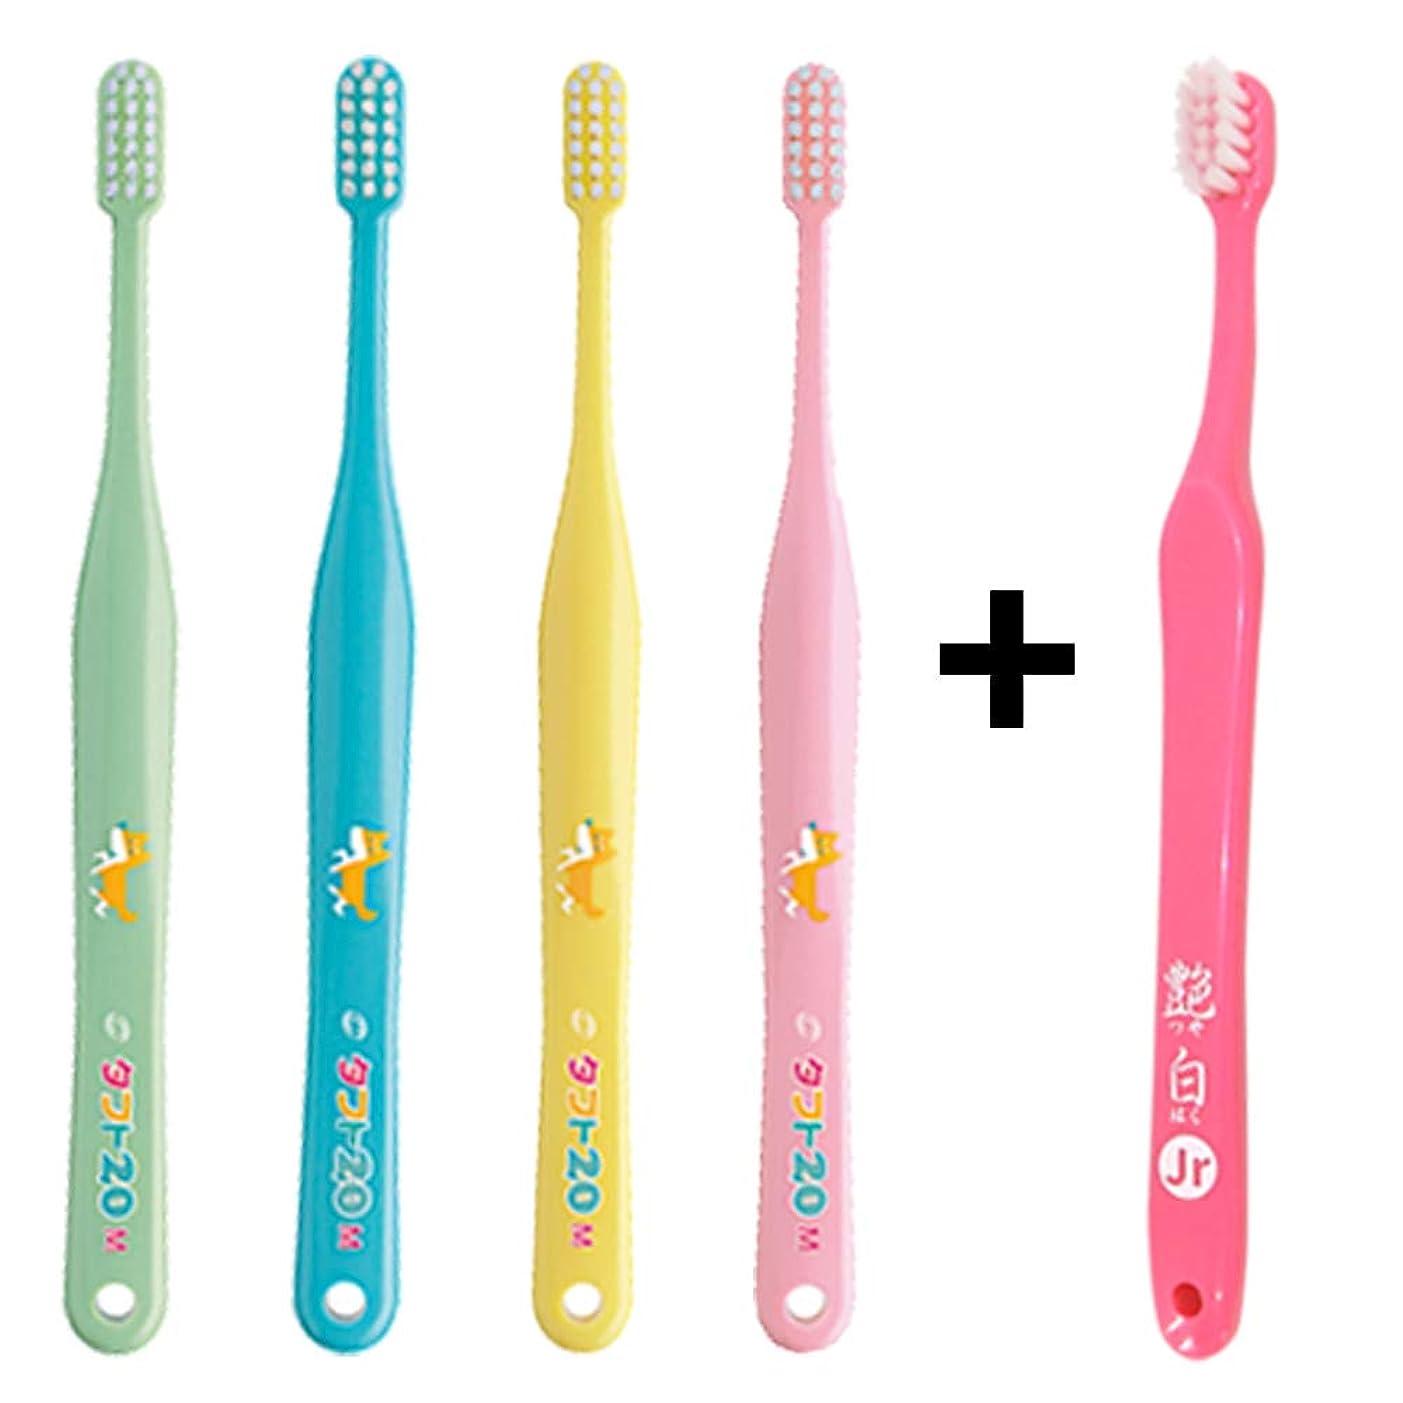 インターネットスキムマーガレットミッチェルタフト20 M(ふつう) こども 歯ブラシ×10本 + 艶白(つやはく) Jr ジュニア ハブラシ×1本 MS(やややわらかめ) 日本製 歯科専売品